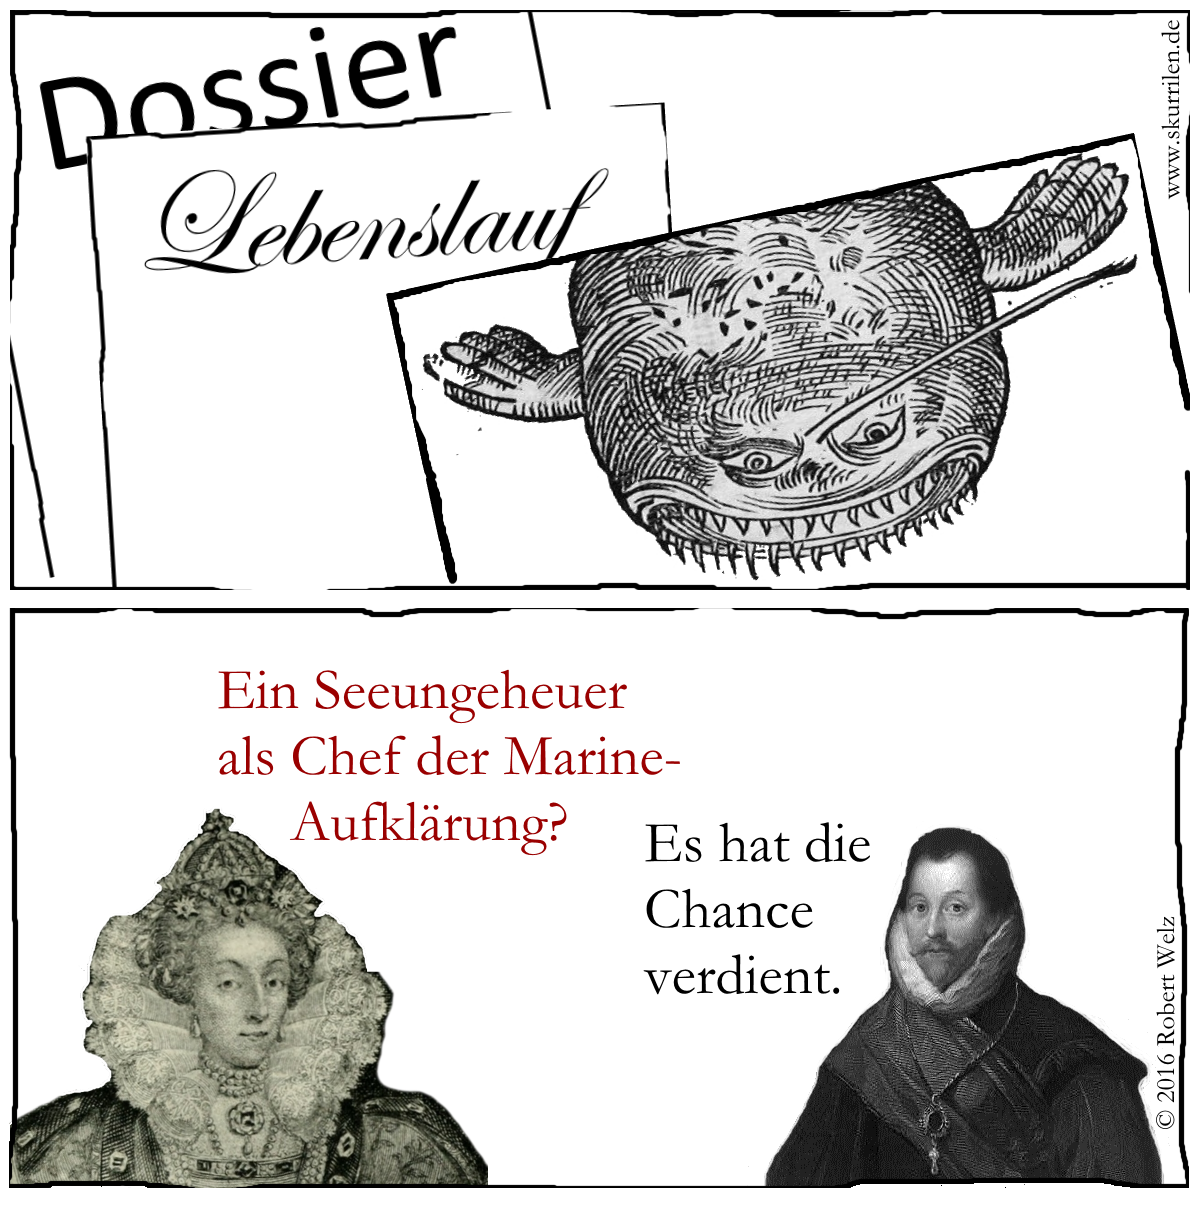 Humor & Fantasy. Königin Elisabeth I. & Comic-Pirat Sir Francis Drake entscheiden: Wer wird Chef der Marine-Spionage?